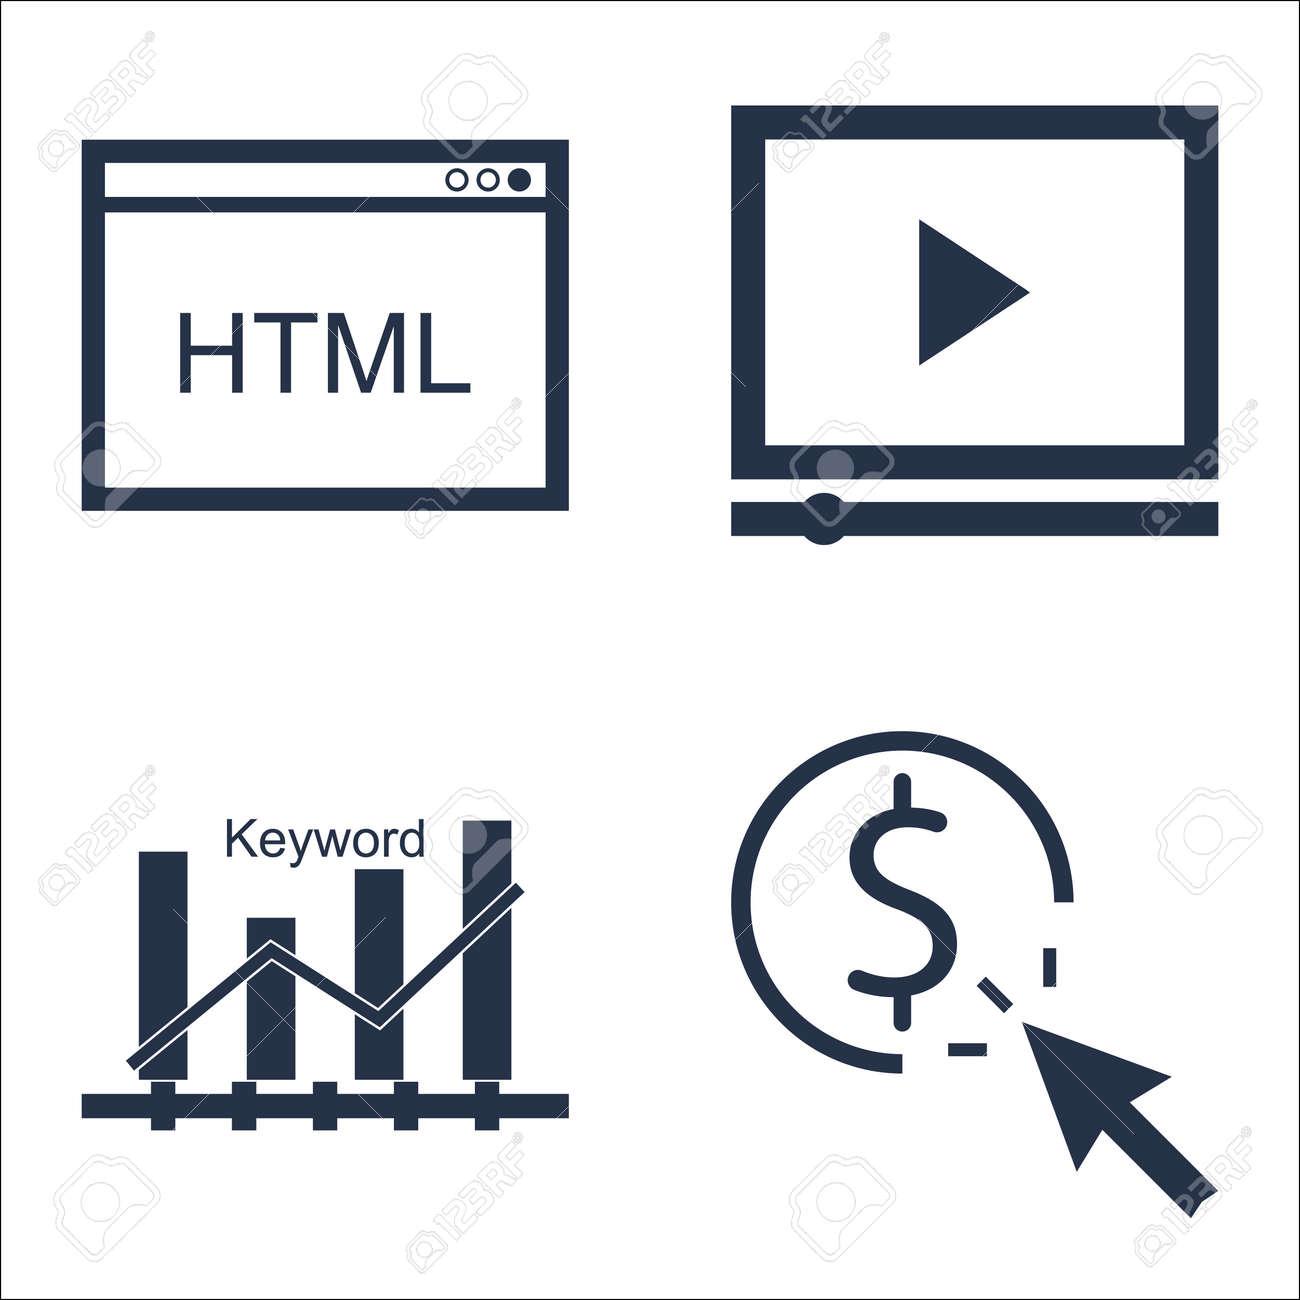 cd168716ac Archivio Fotografico - Set di icone SEO, marketing e pubblicità sulla  pubblicità video, codice html, pay per click e altro ancora.